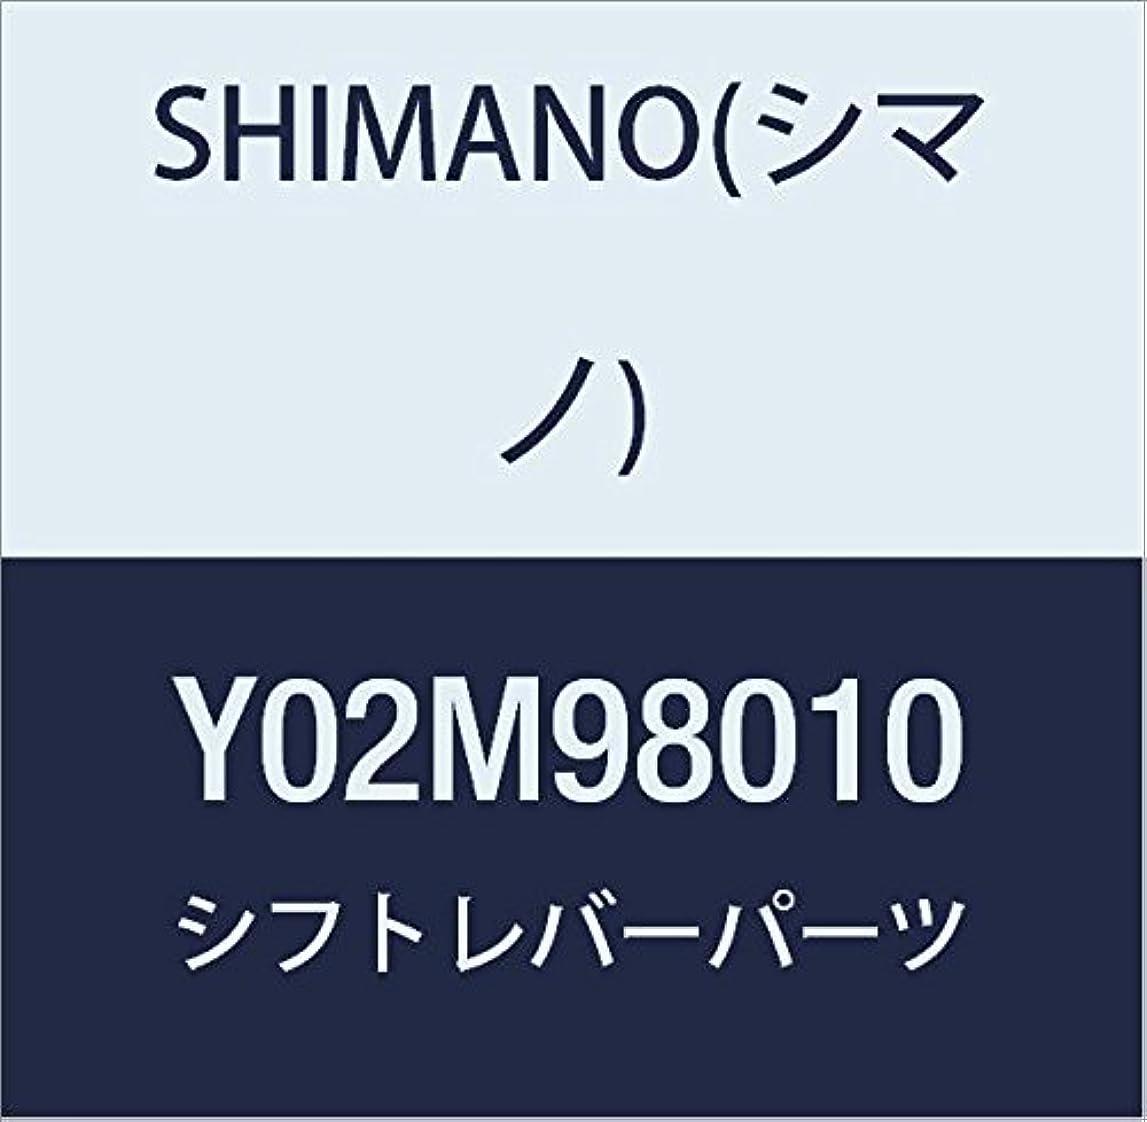 牛揺れる前任者SHIMANO(シマノ) ST-4700 メインレバークミ Y02